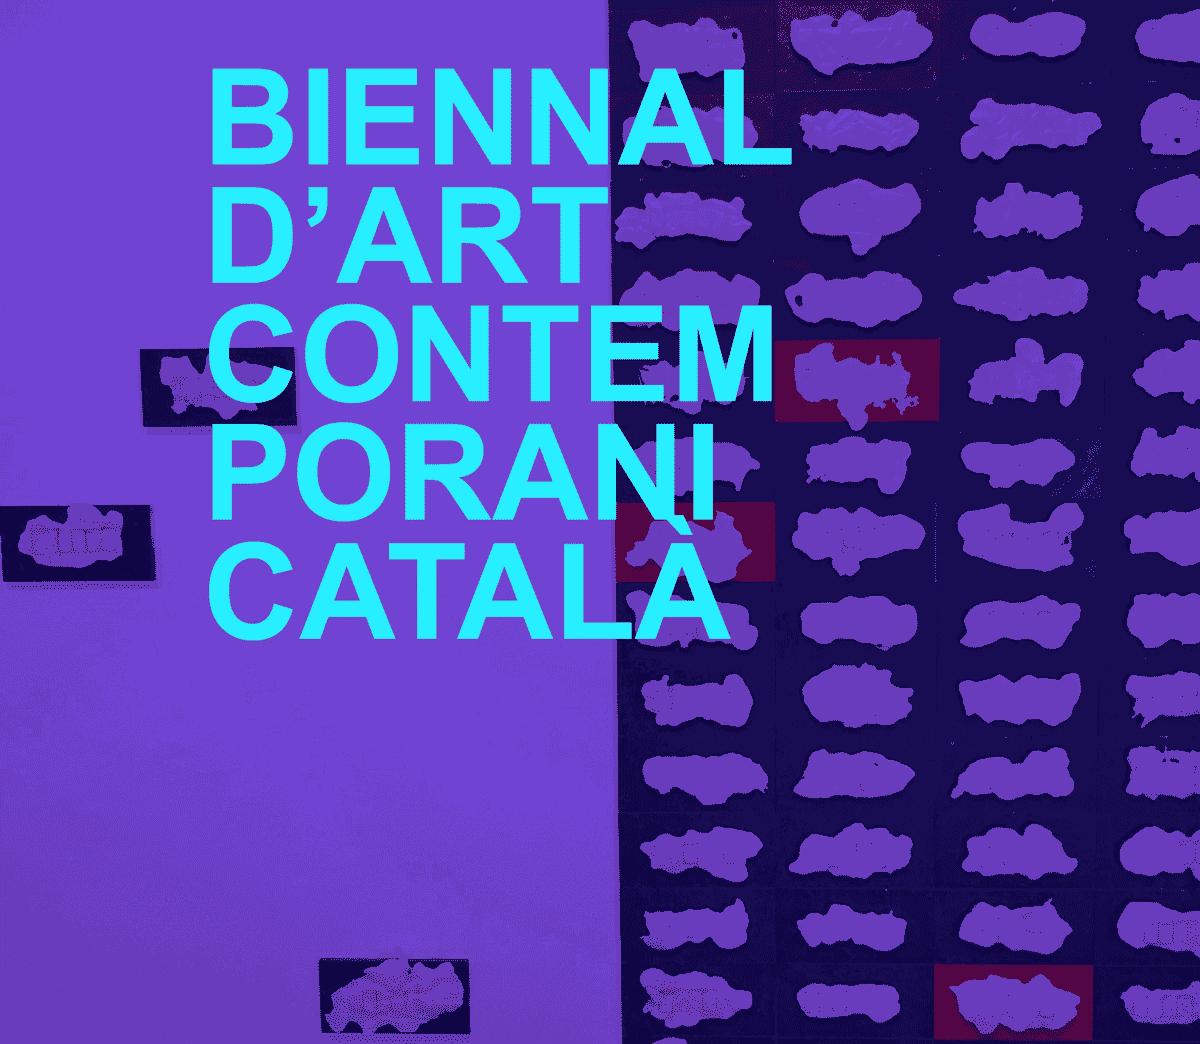 L'Aj. #Santcugat cancel·la la Biennal d'Art Contemporani Català i treballarà per impulsar una nova mostra per potenciar el valor dels joves artistes